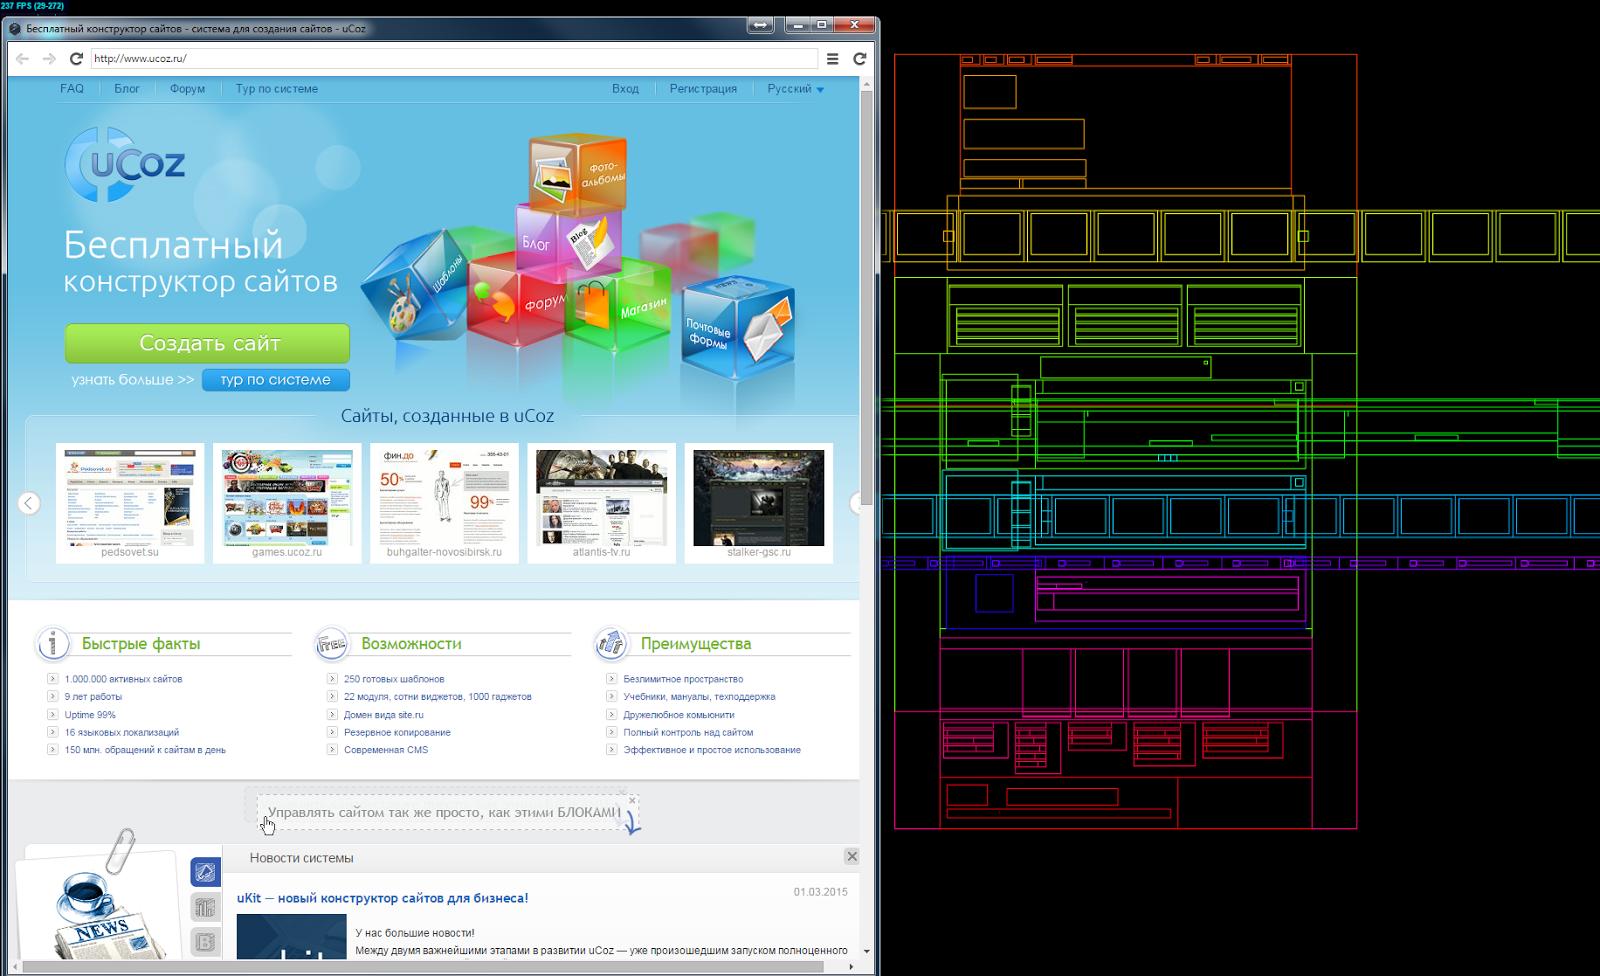 Будущее сайтов: автоматическая сборка на базе ИИ и не только - 9